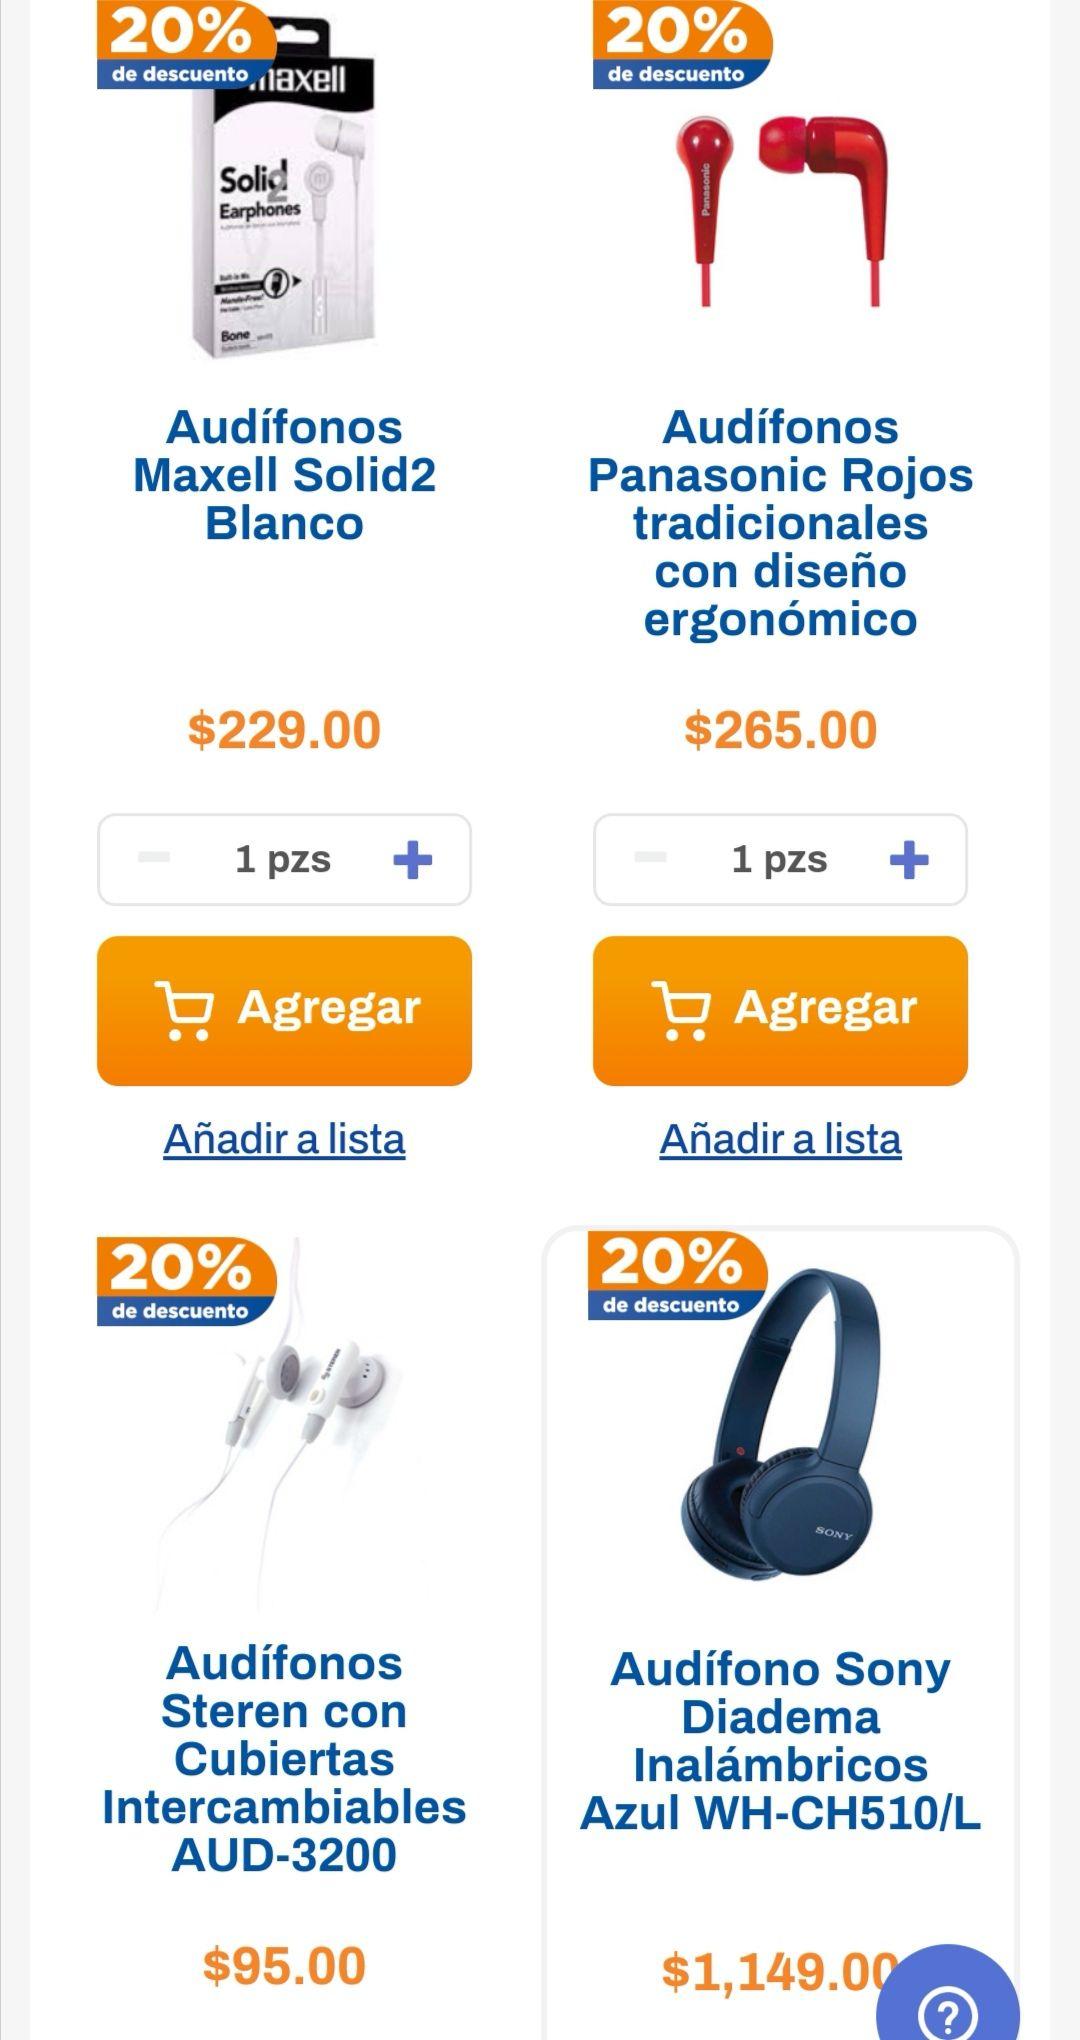 Chedraui: 20% de descuento en audífonos seleccionados